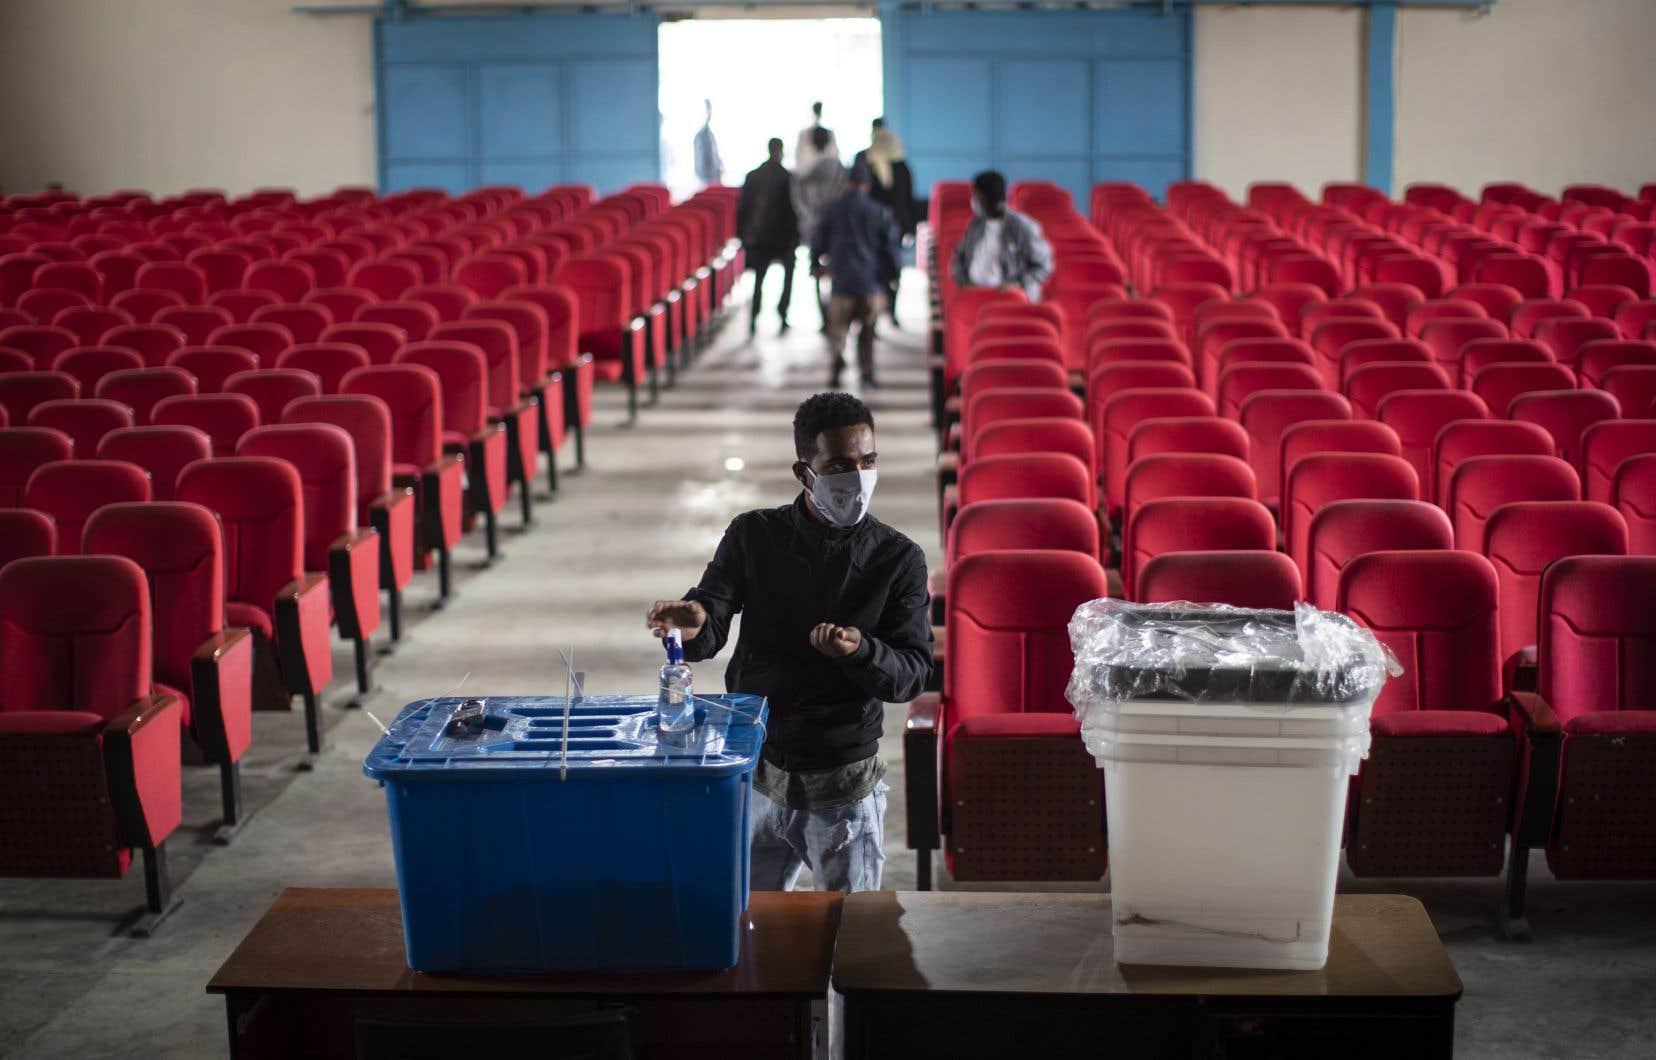 Face au défi d'organiser  un vote inclusif et crédible  dans un pays de 110millions d'habitants, vaste, accidenté et aux infrastructures déficientes,  la commission électorale  a manqué  de ressources.